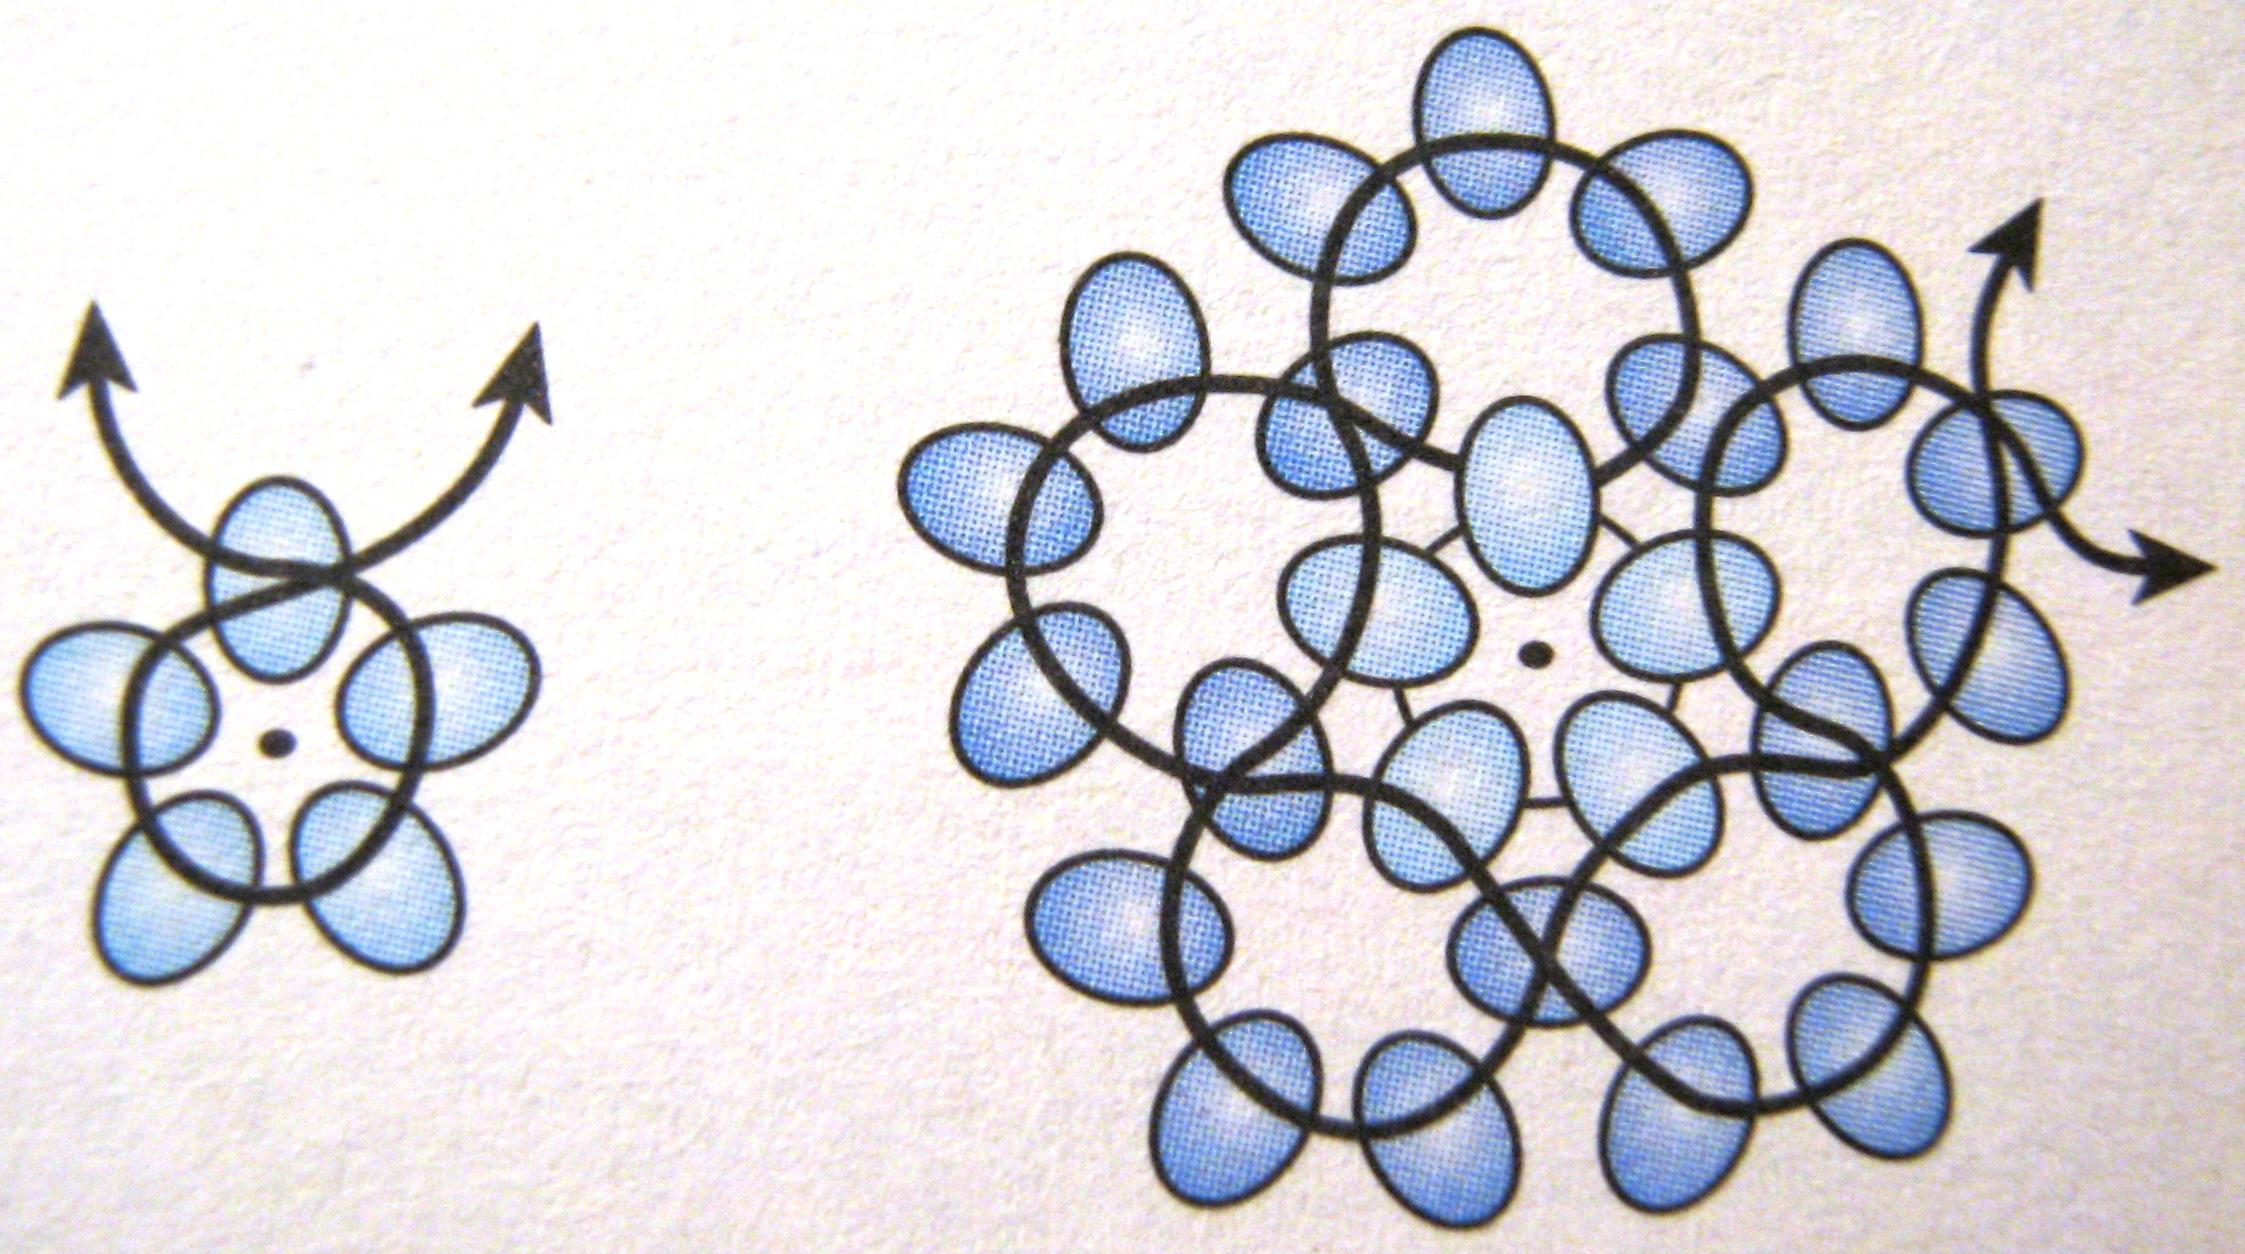 Рассмотрим на примере плетения шарика из бисера, 12 граней и 5 бусин, состоящего из 5 бисерин в основании.